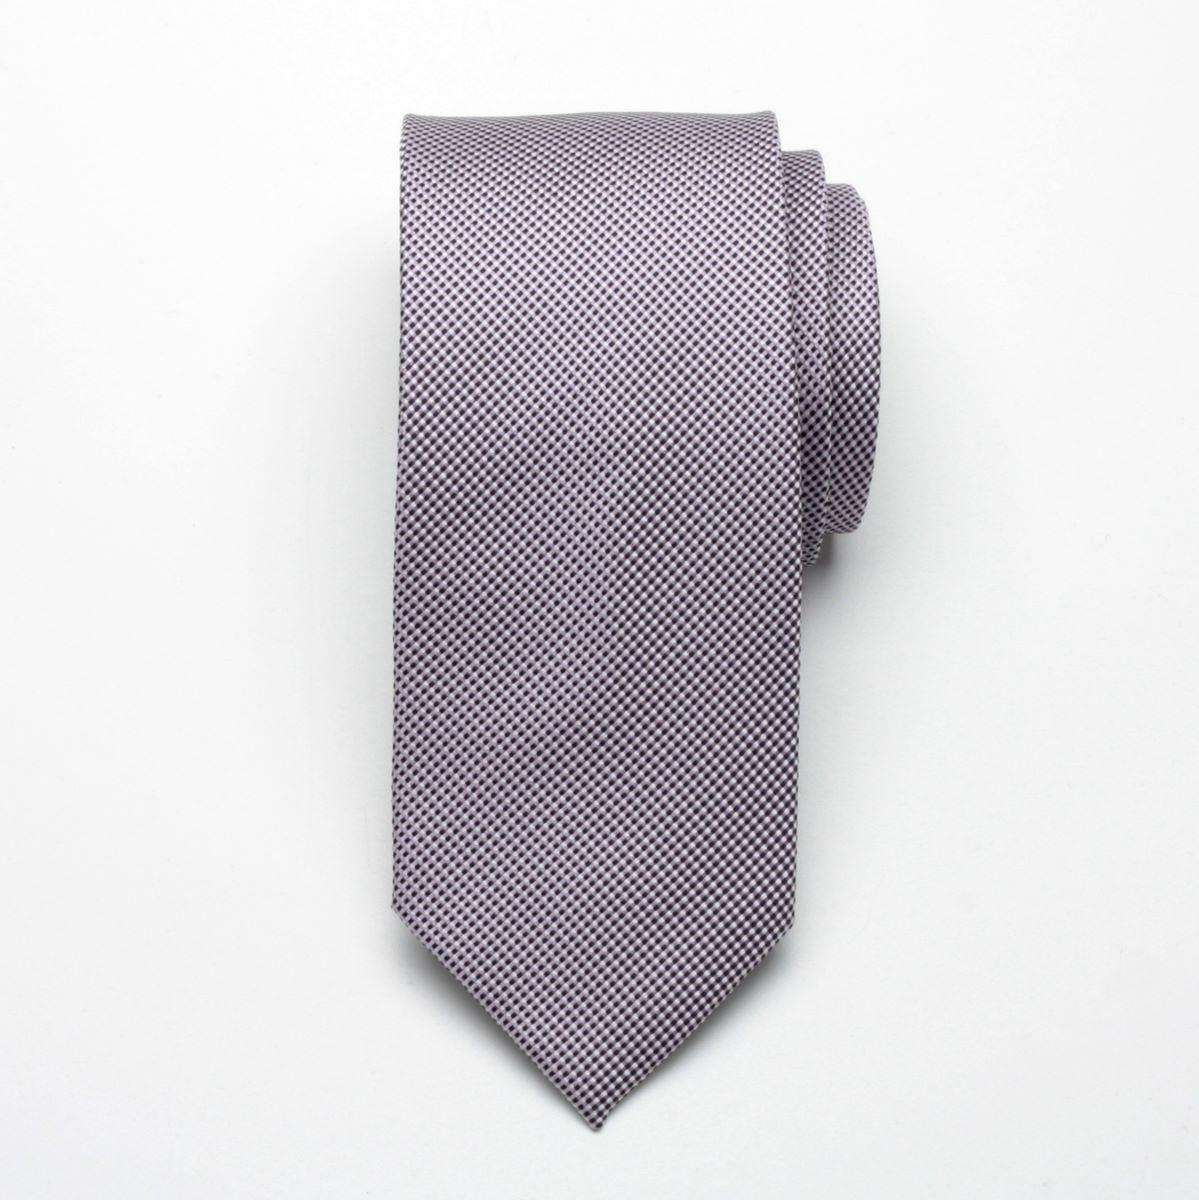 Krawat jedwabny (wzór 8)